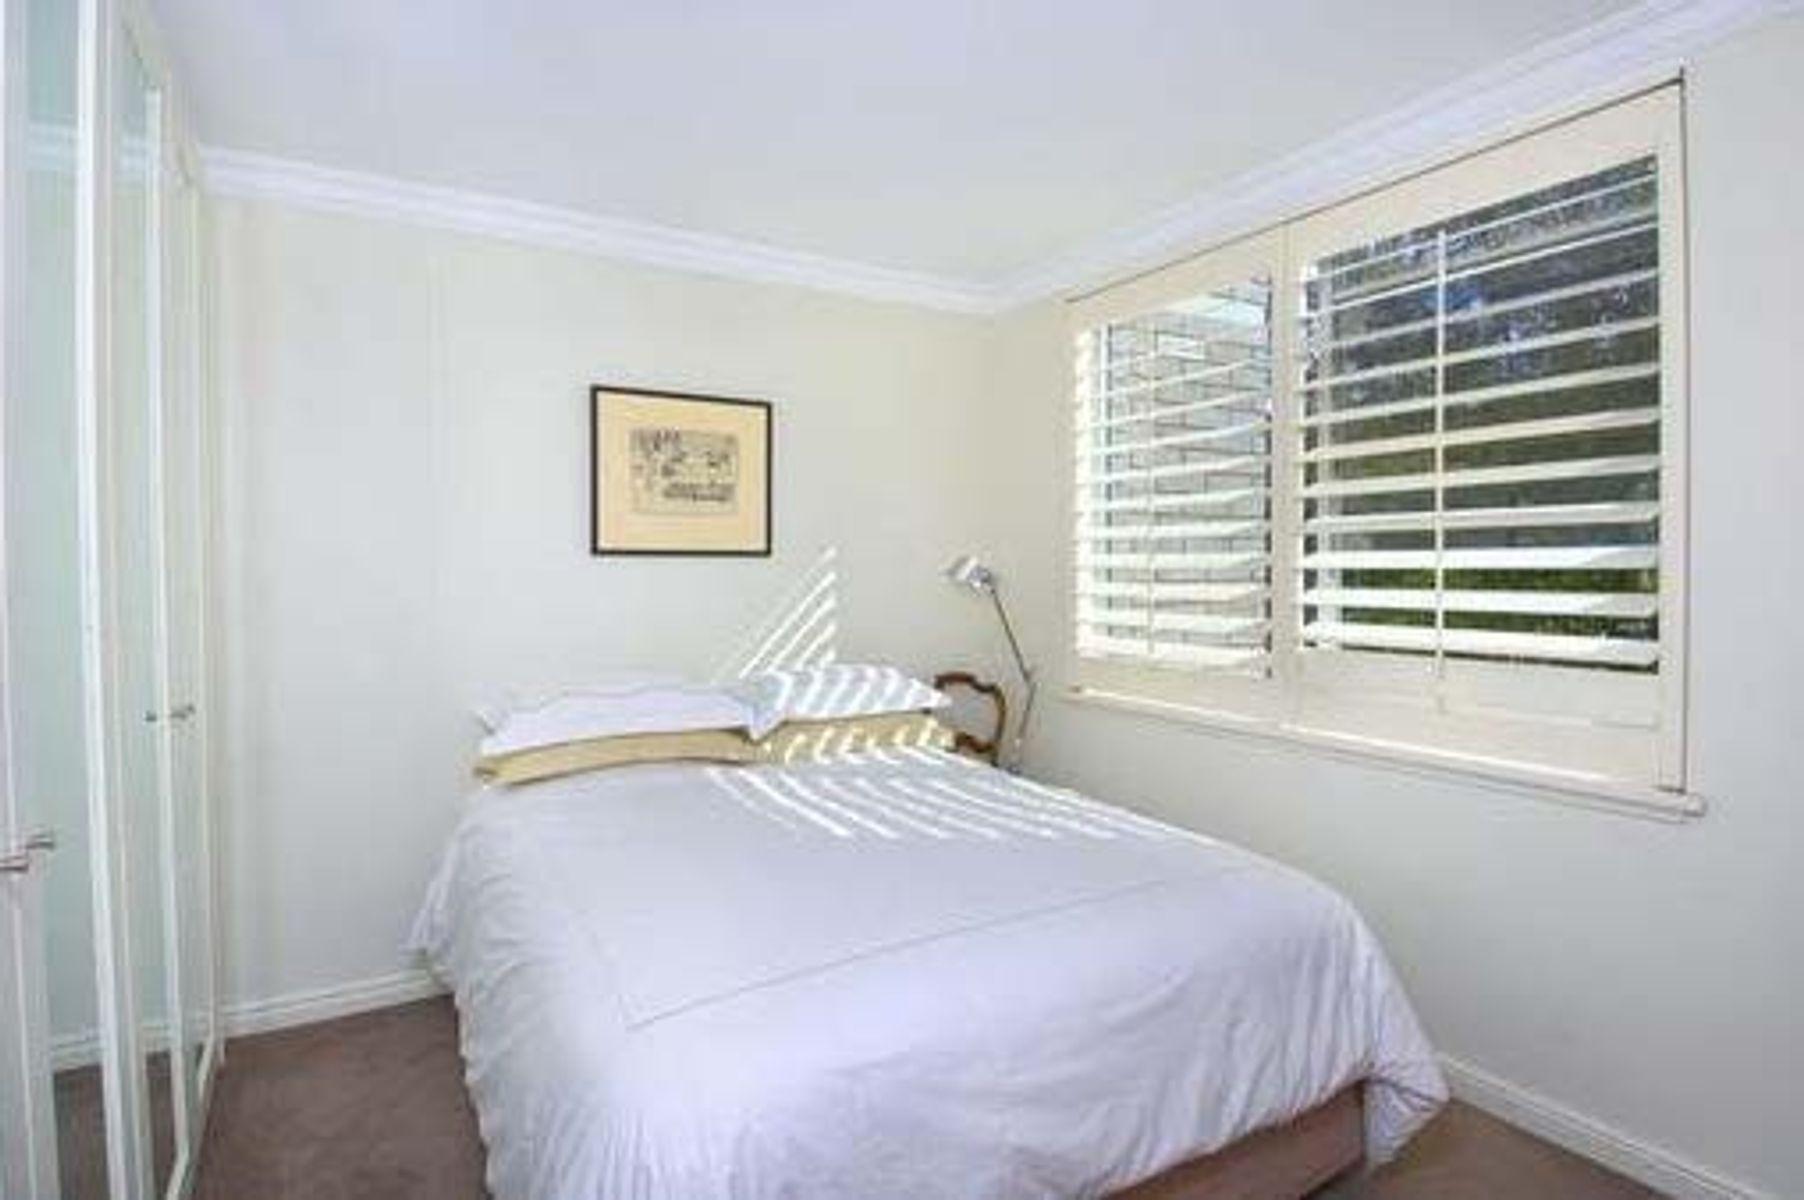 14/100 Ben Boyd Road, Neutral Bay, NSW 2089